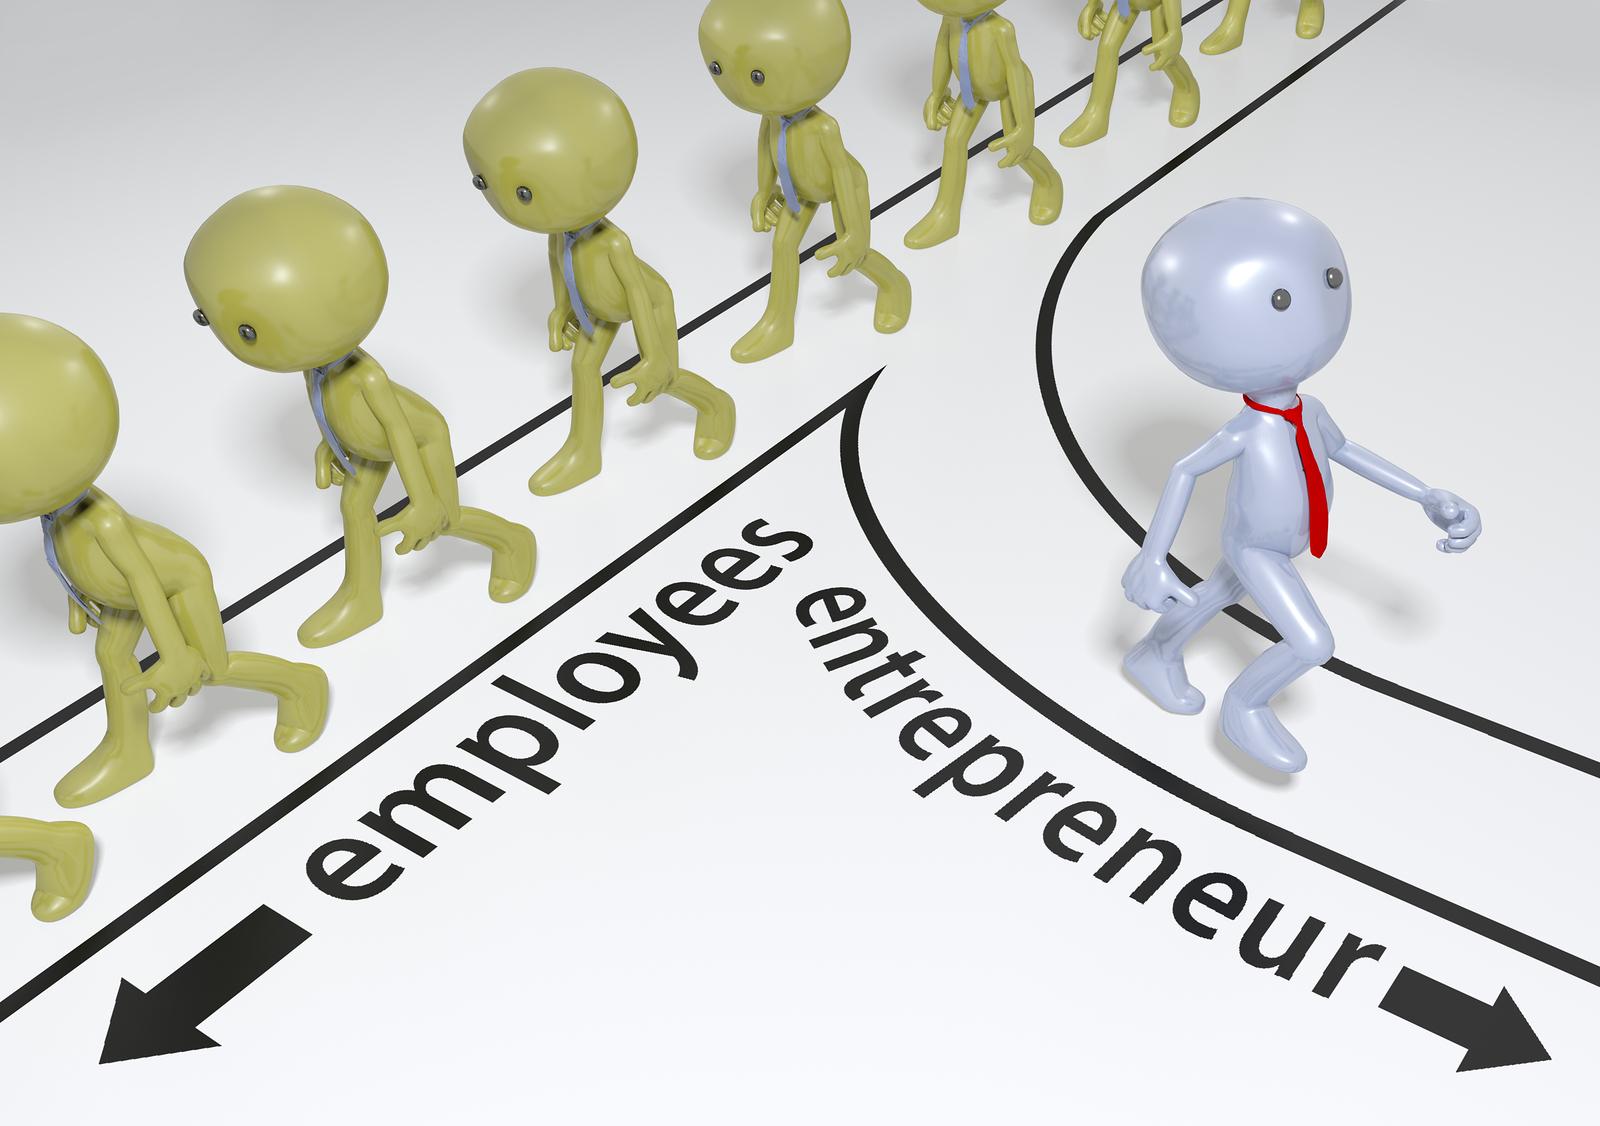 Have I killed an entrepreneur?